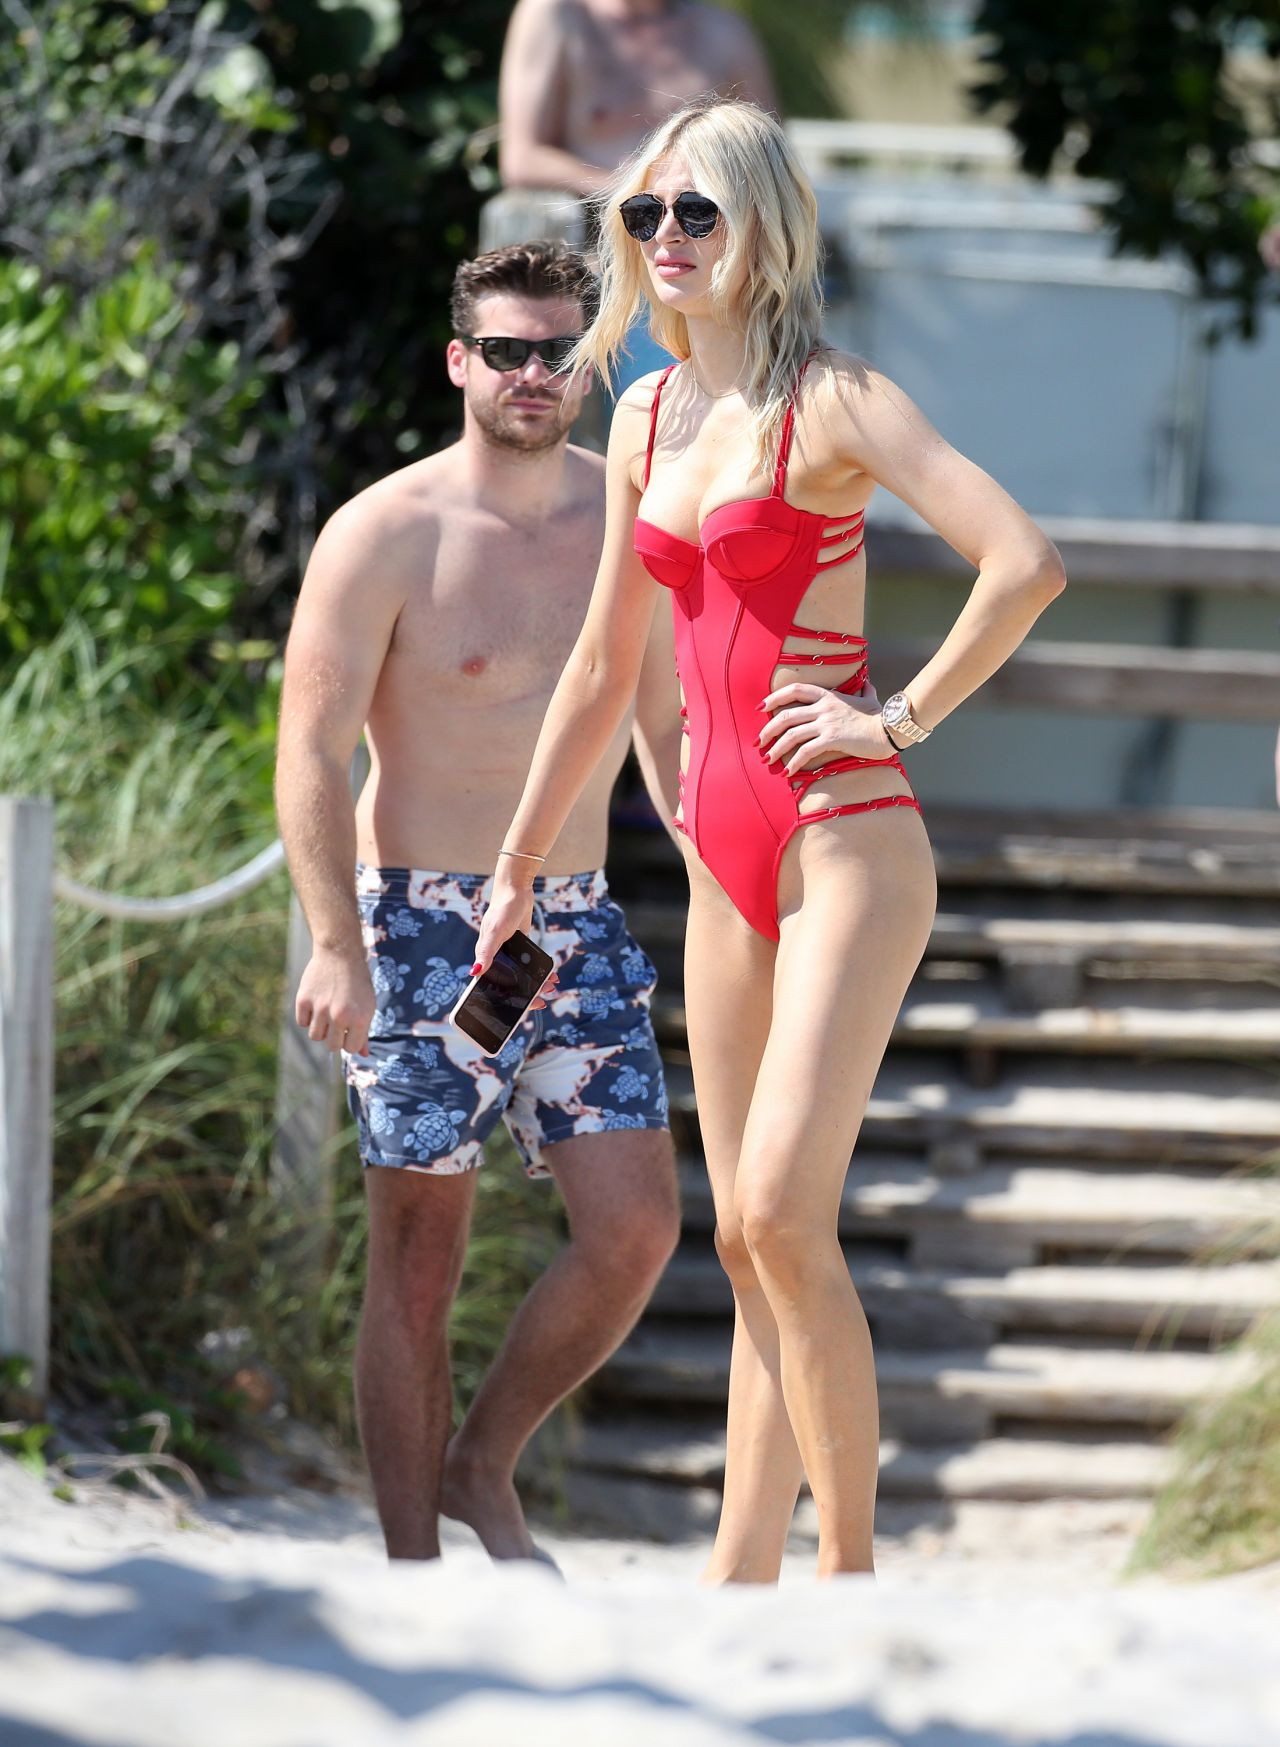 Swimsuit Sofija Milosevic naked (37 photo) Hot, Facebook, bra